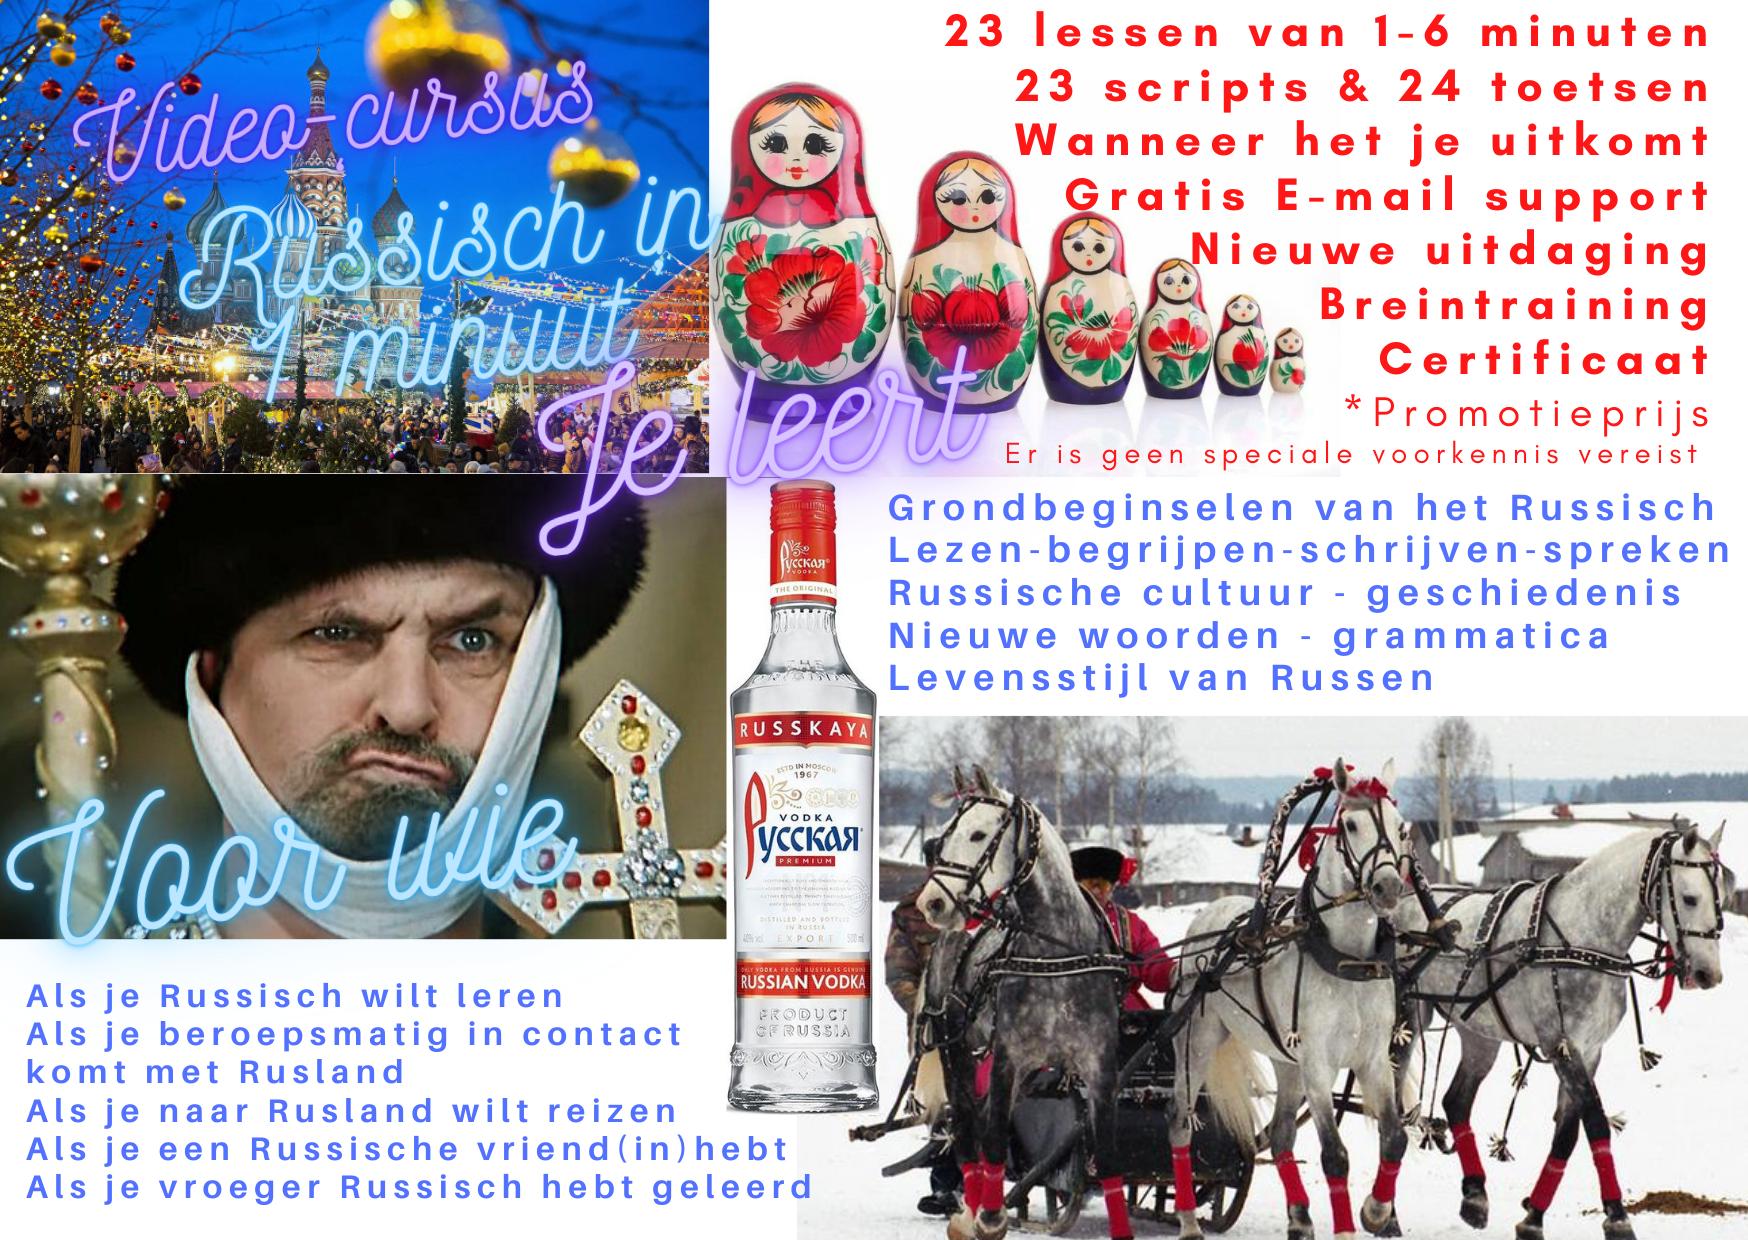 Videocursus Russisch in 1 minuut